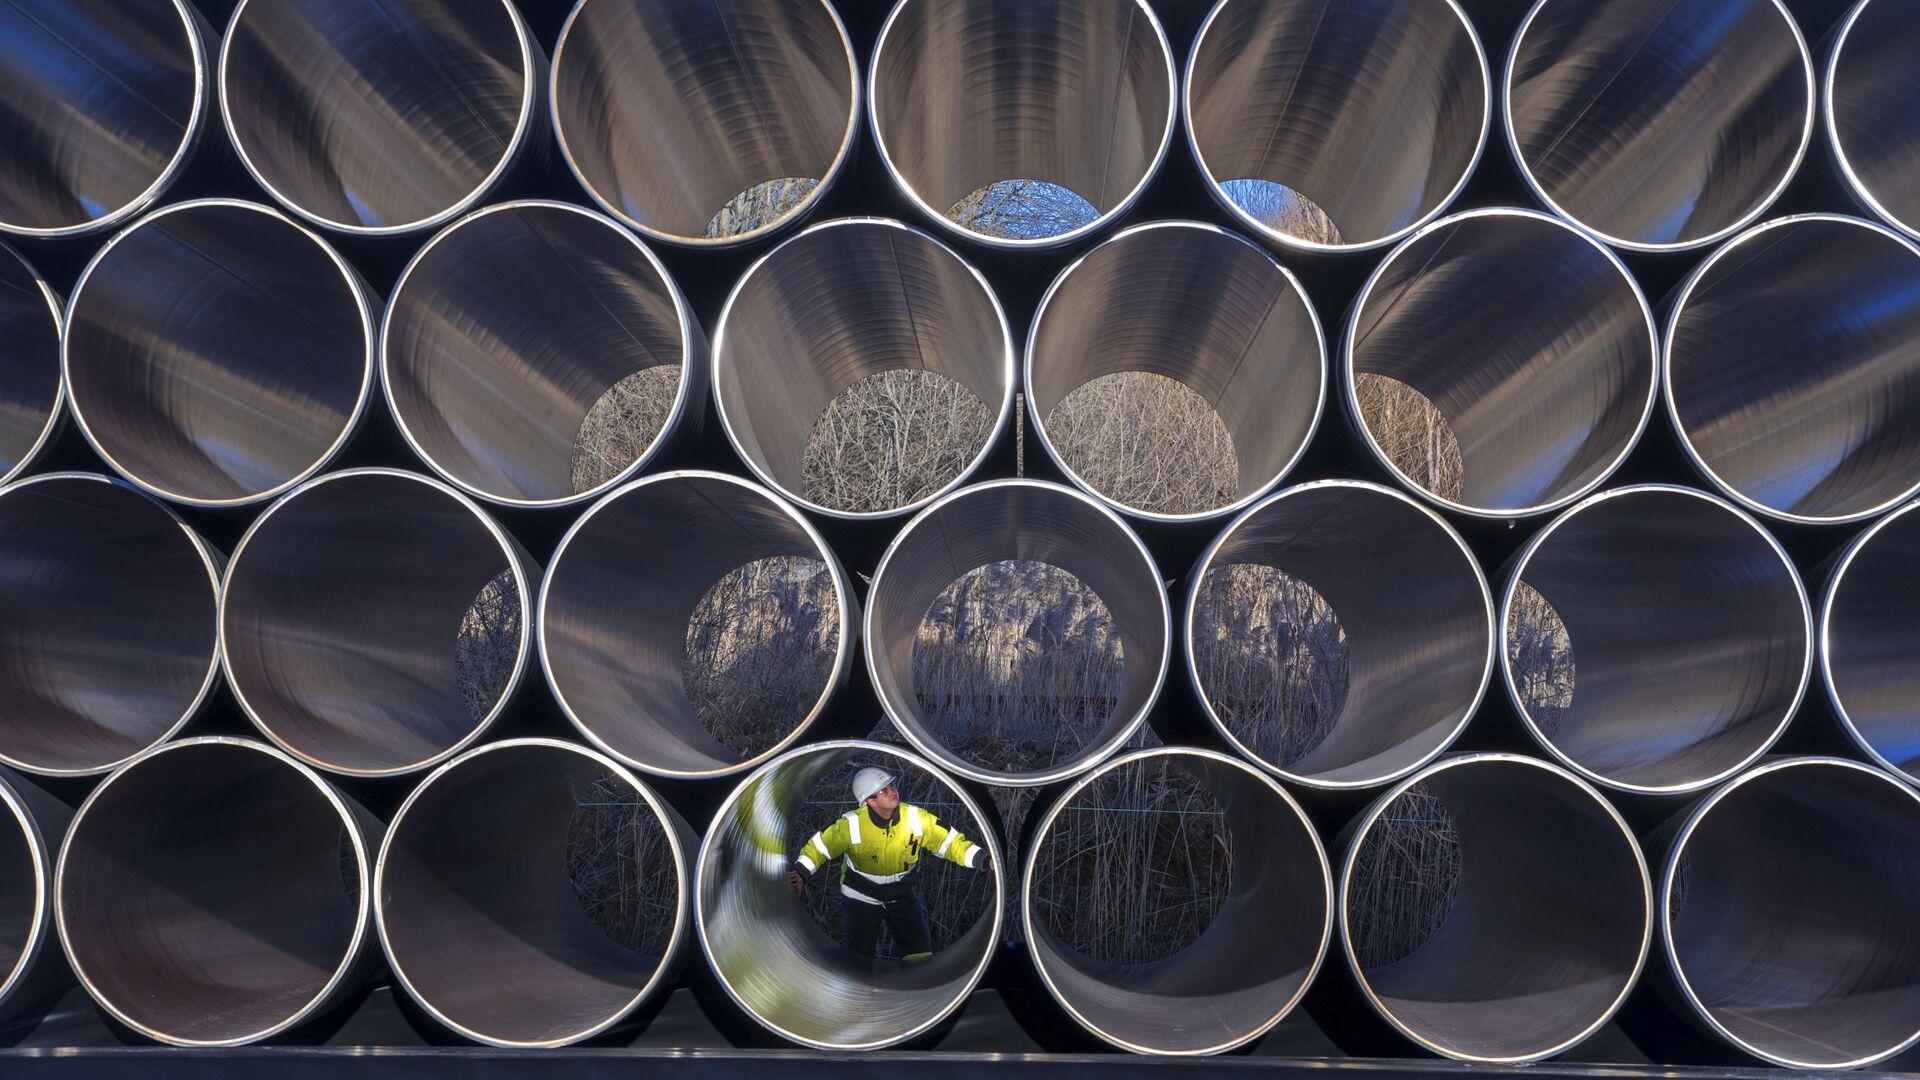 Трубы для строительства газопровода Nord Stream 2 в немецком Заснице - РИА Новости, 1920, 17.02.2021